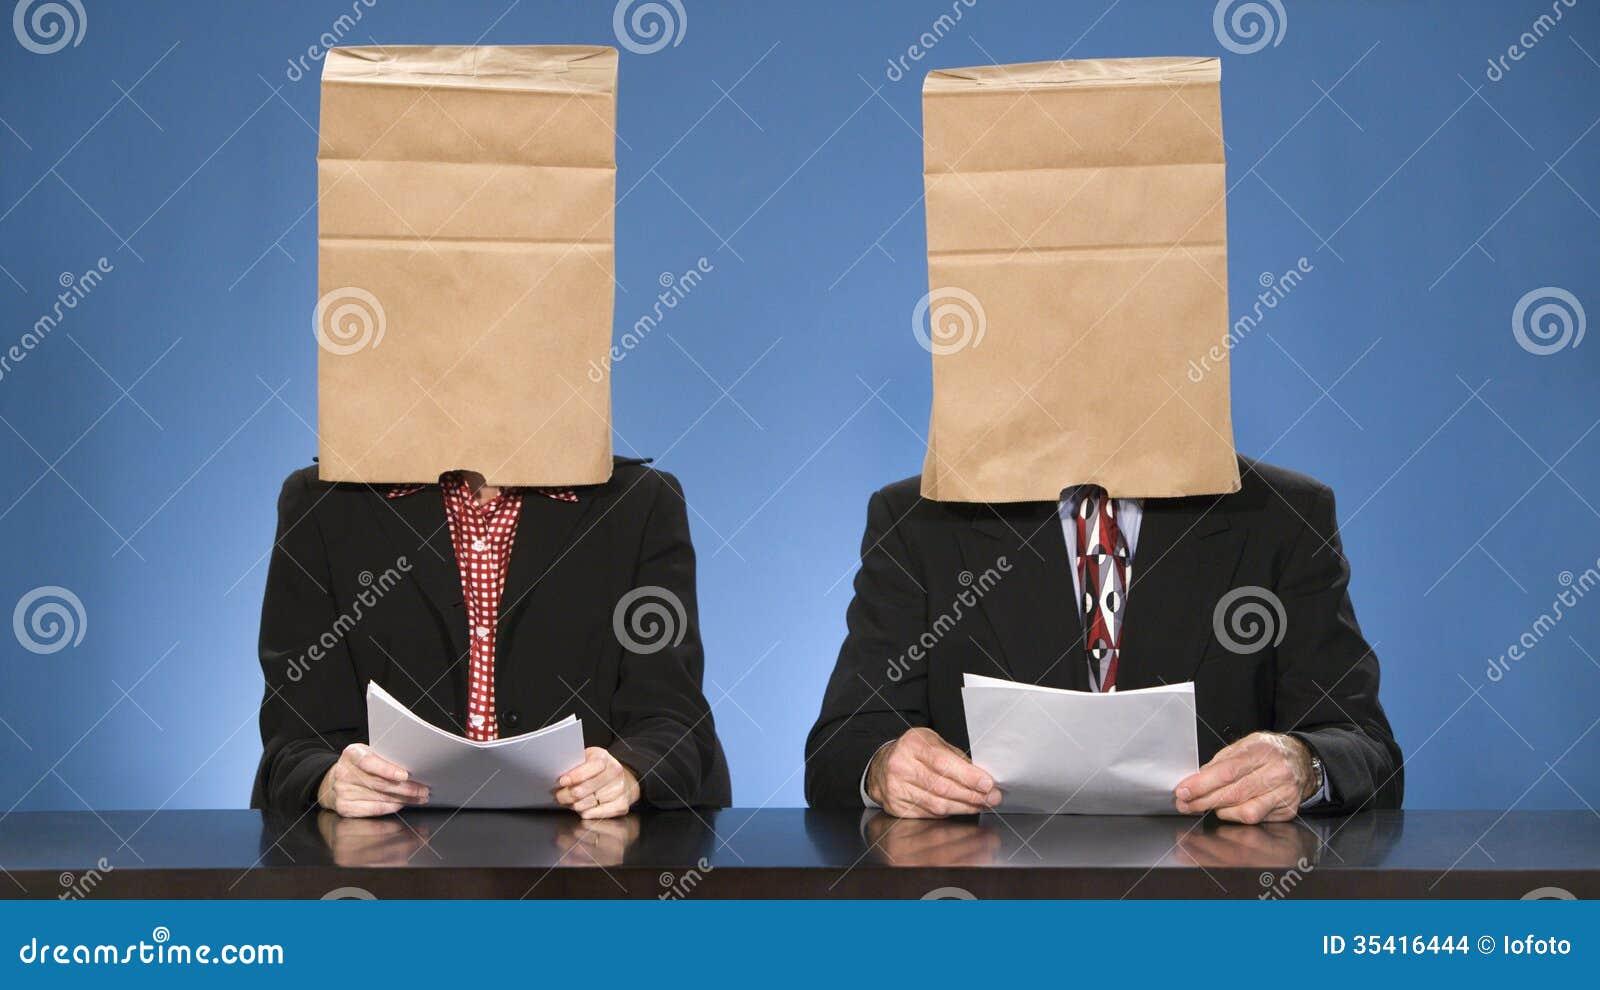 Nachrichtensprecher geblendet durch Taschen.